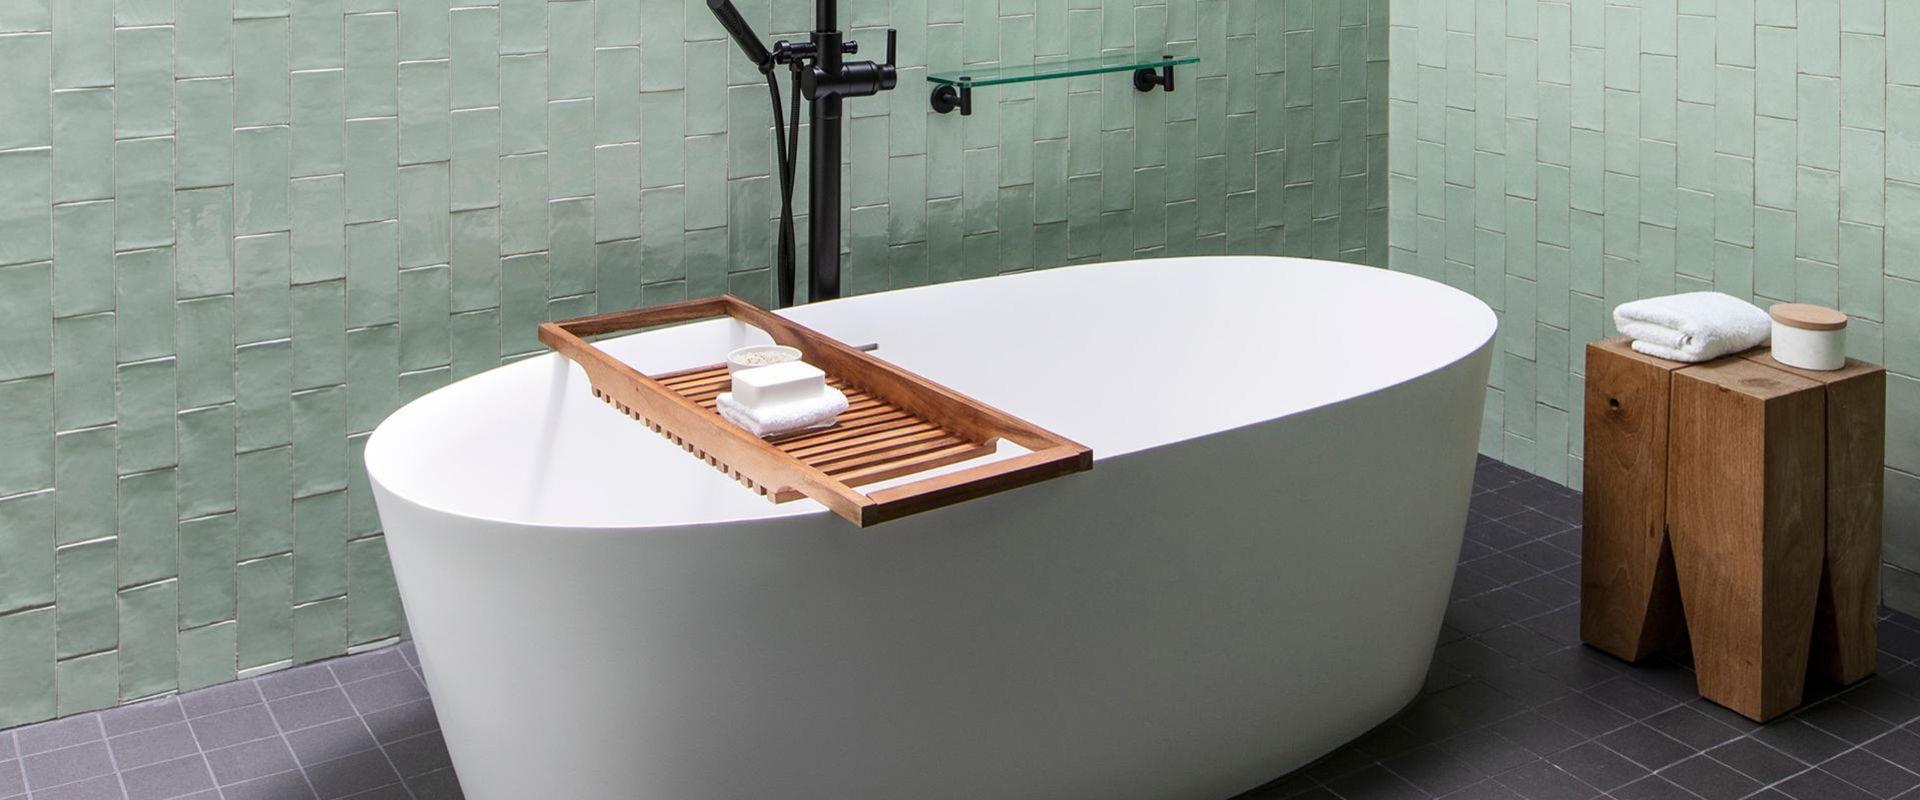 Spa Suite Soaking Tub